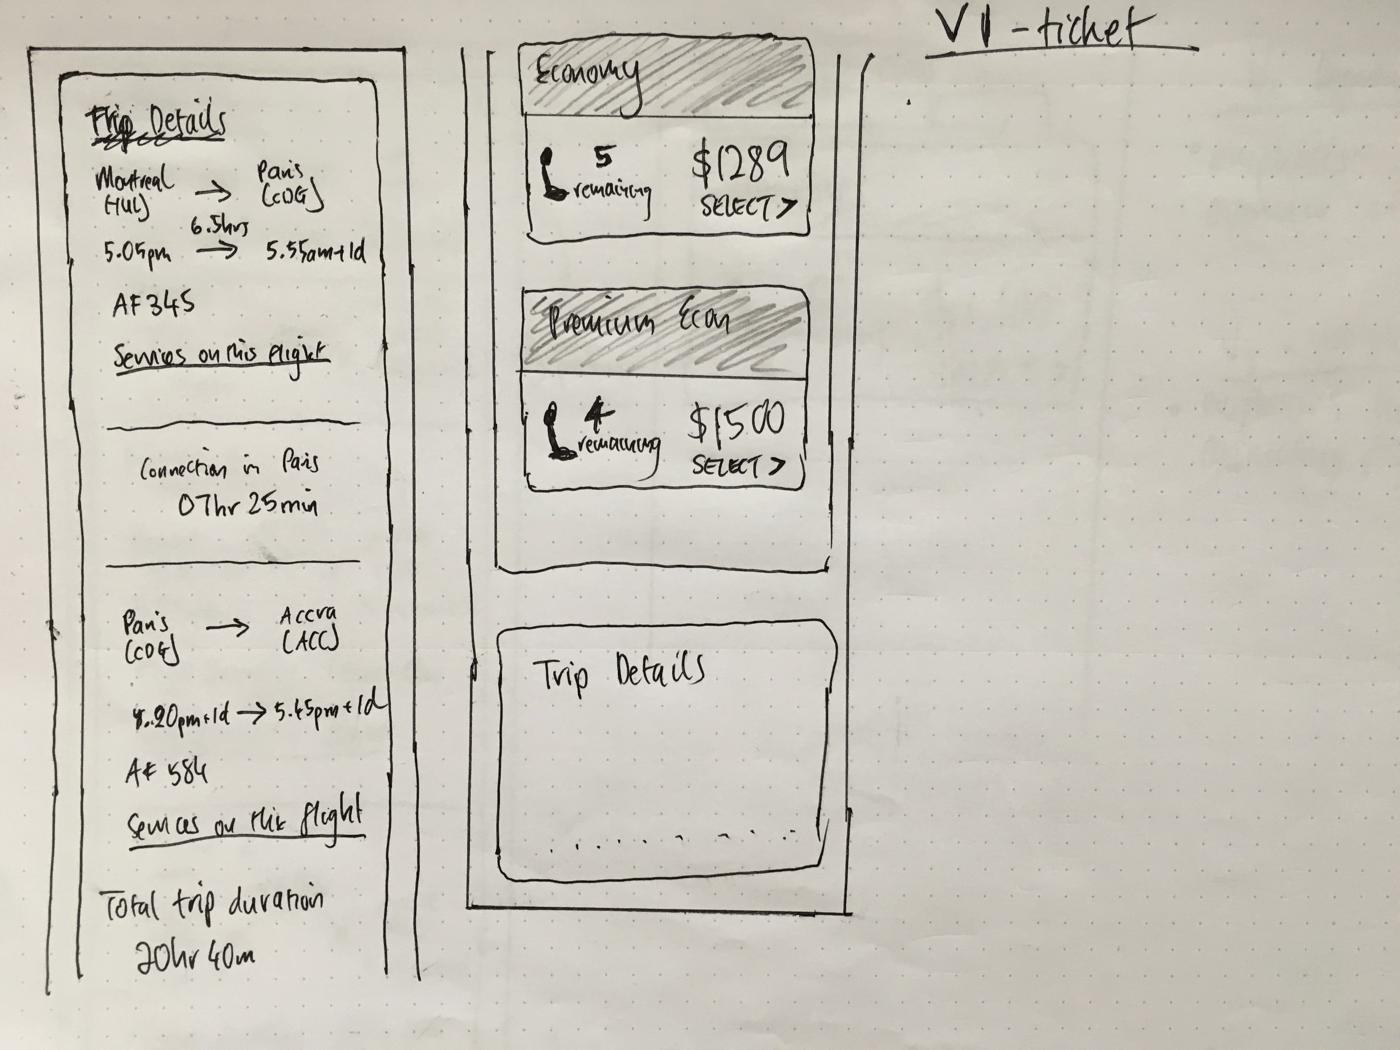 Trip Details V1 Sketch